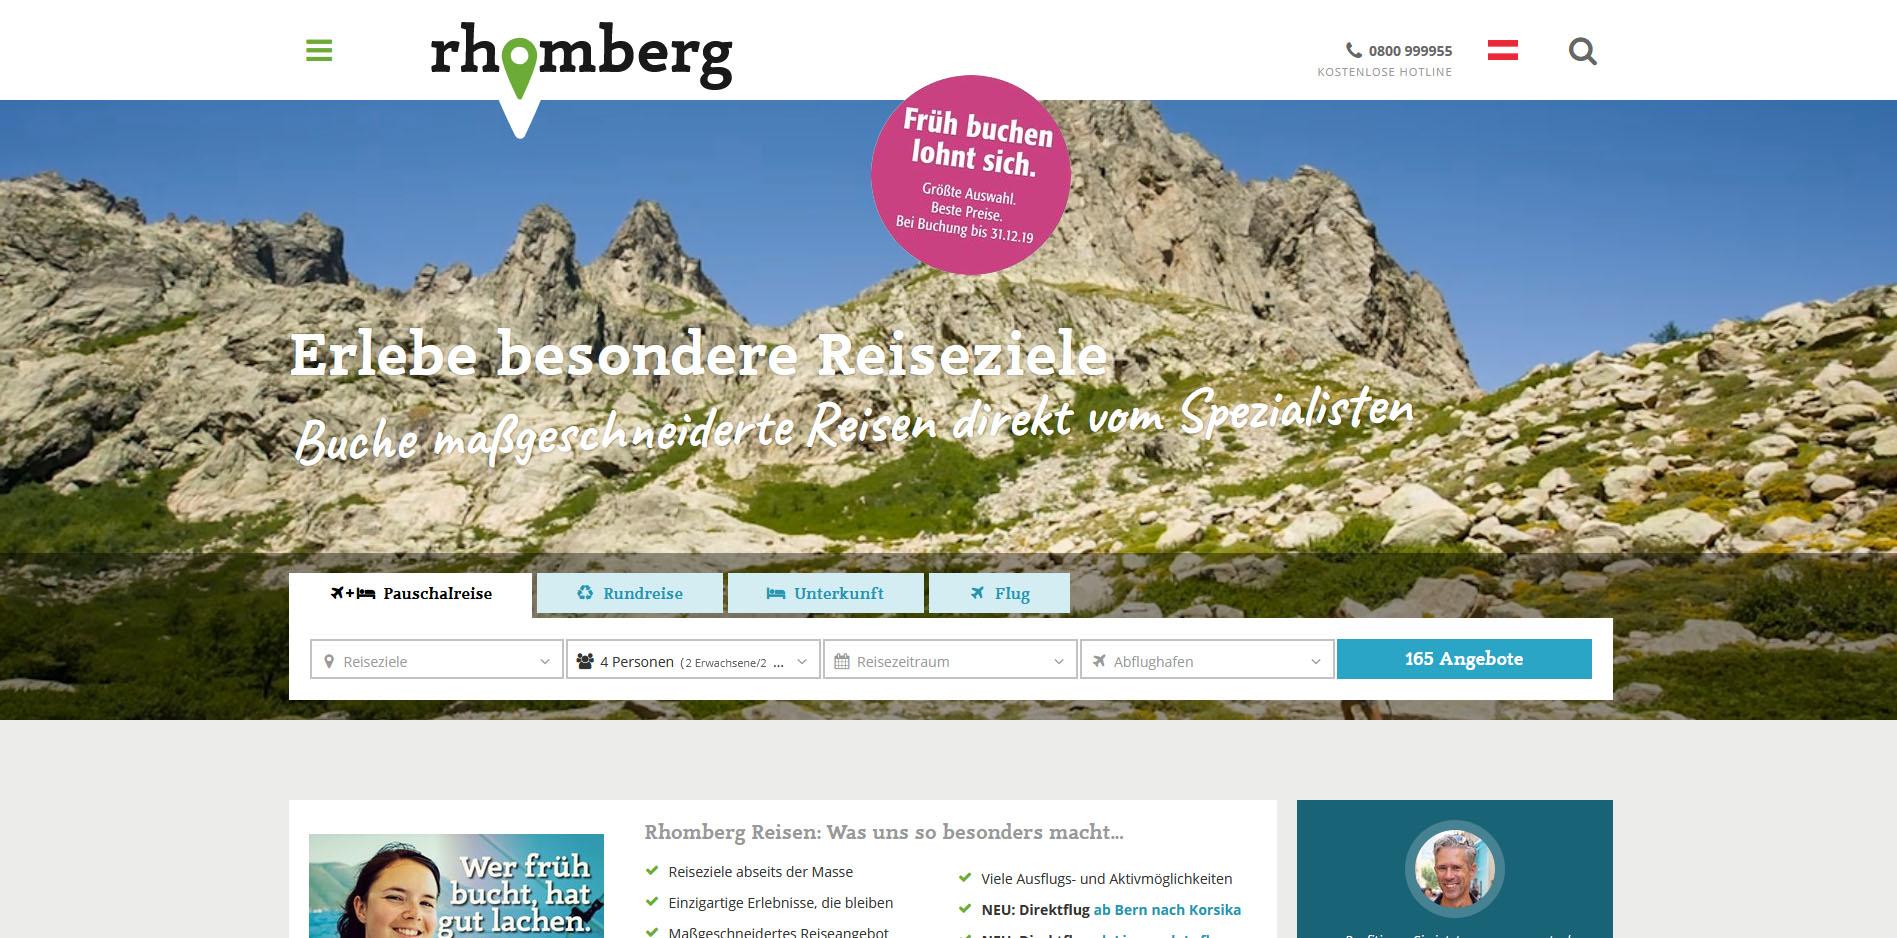 Rhomberg Reisen Korsika